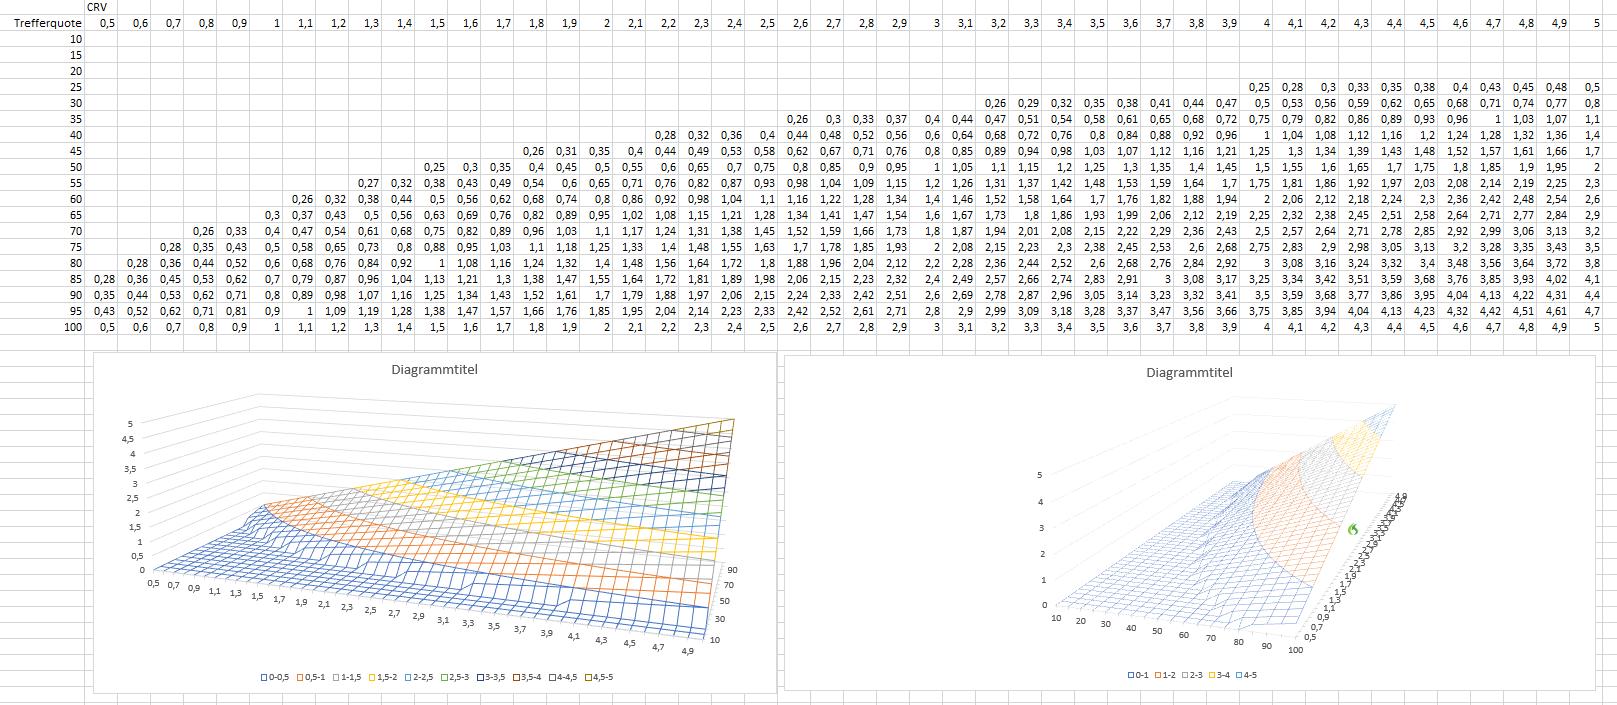 Wahrscheinlichkeit-CRV-und-Erwartungswert-So-einfach-ist-das-mit-dem-Gewinnen-Rene-Berteit-GodmodeTrader.de-4